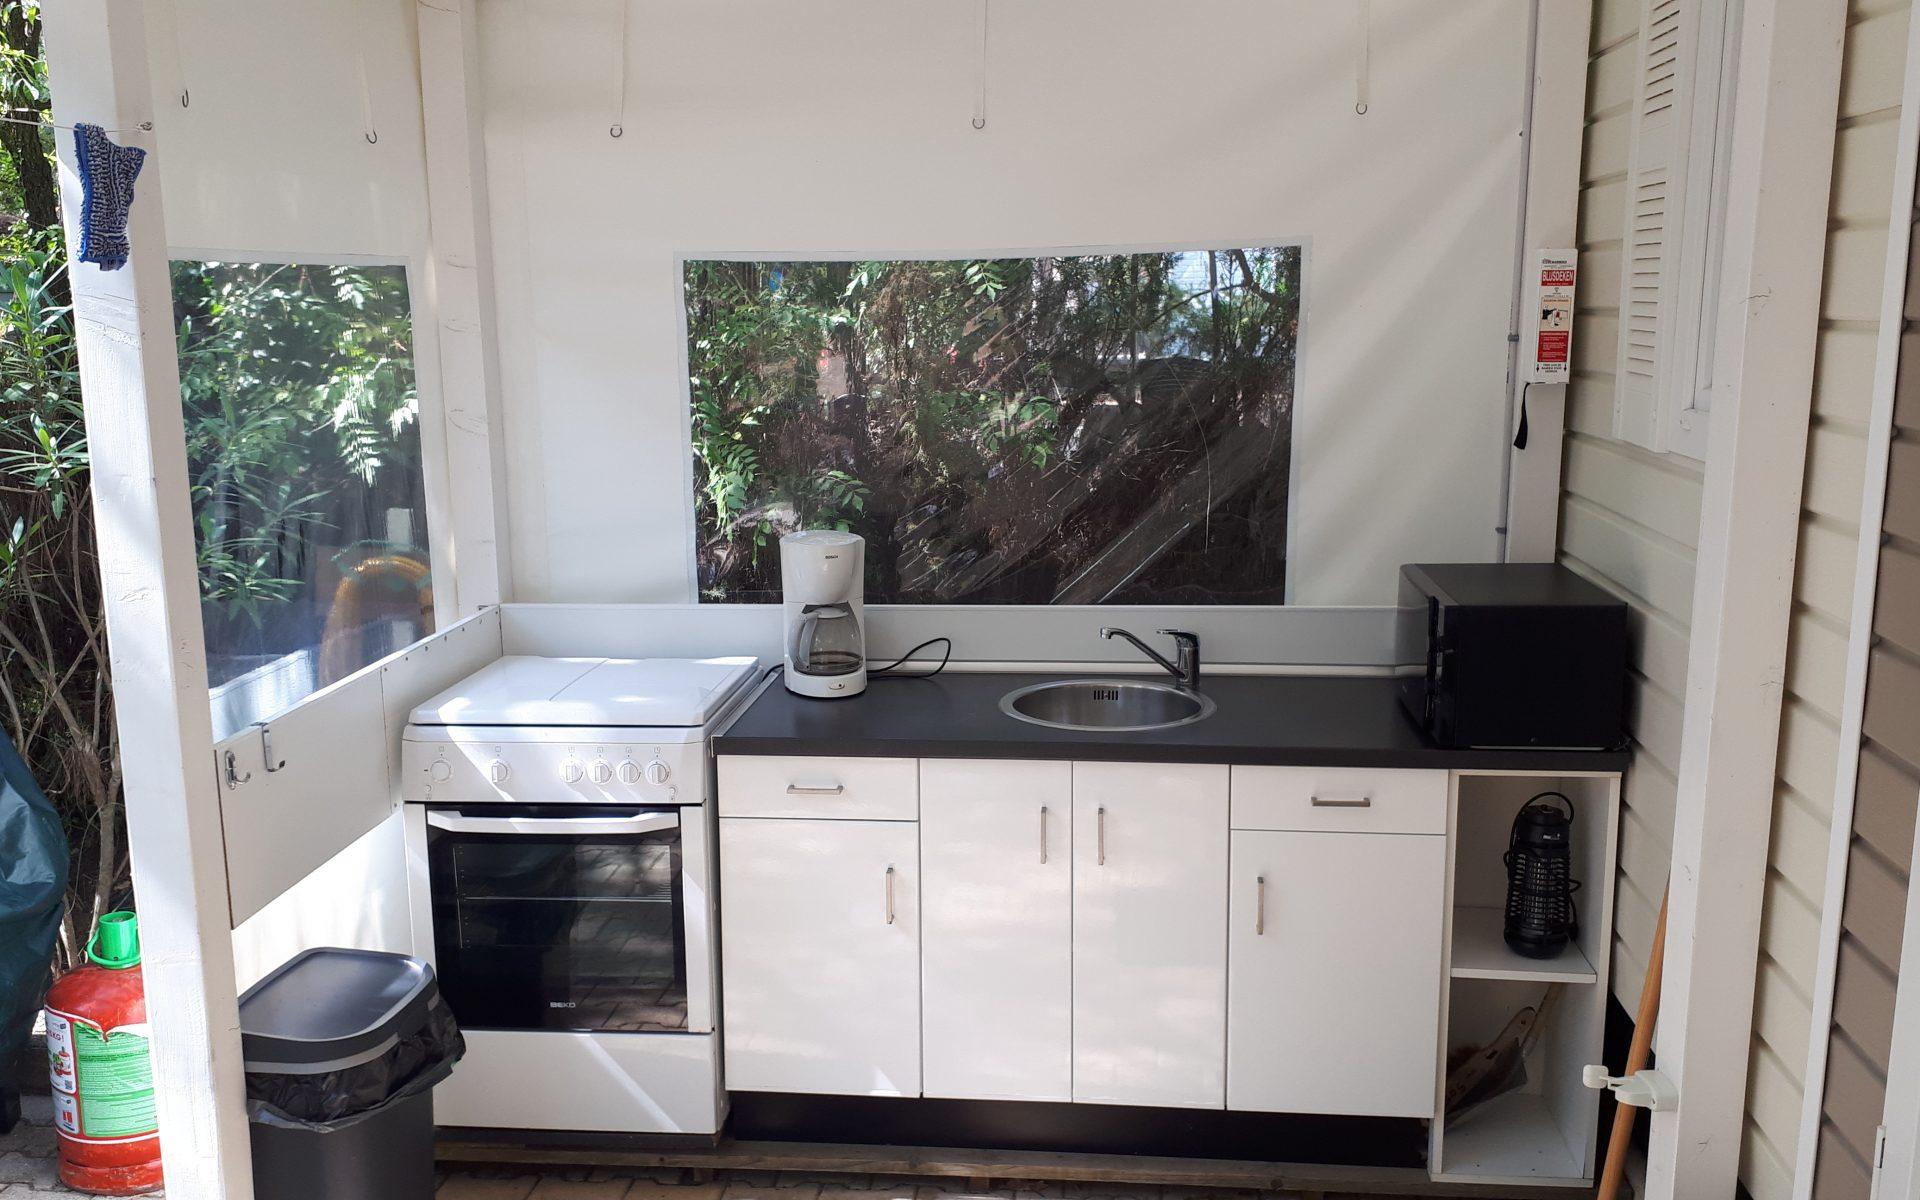 Buitenkeuken met gasstel, oven, magnetron en koffiezetapparaat